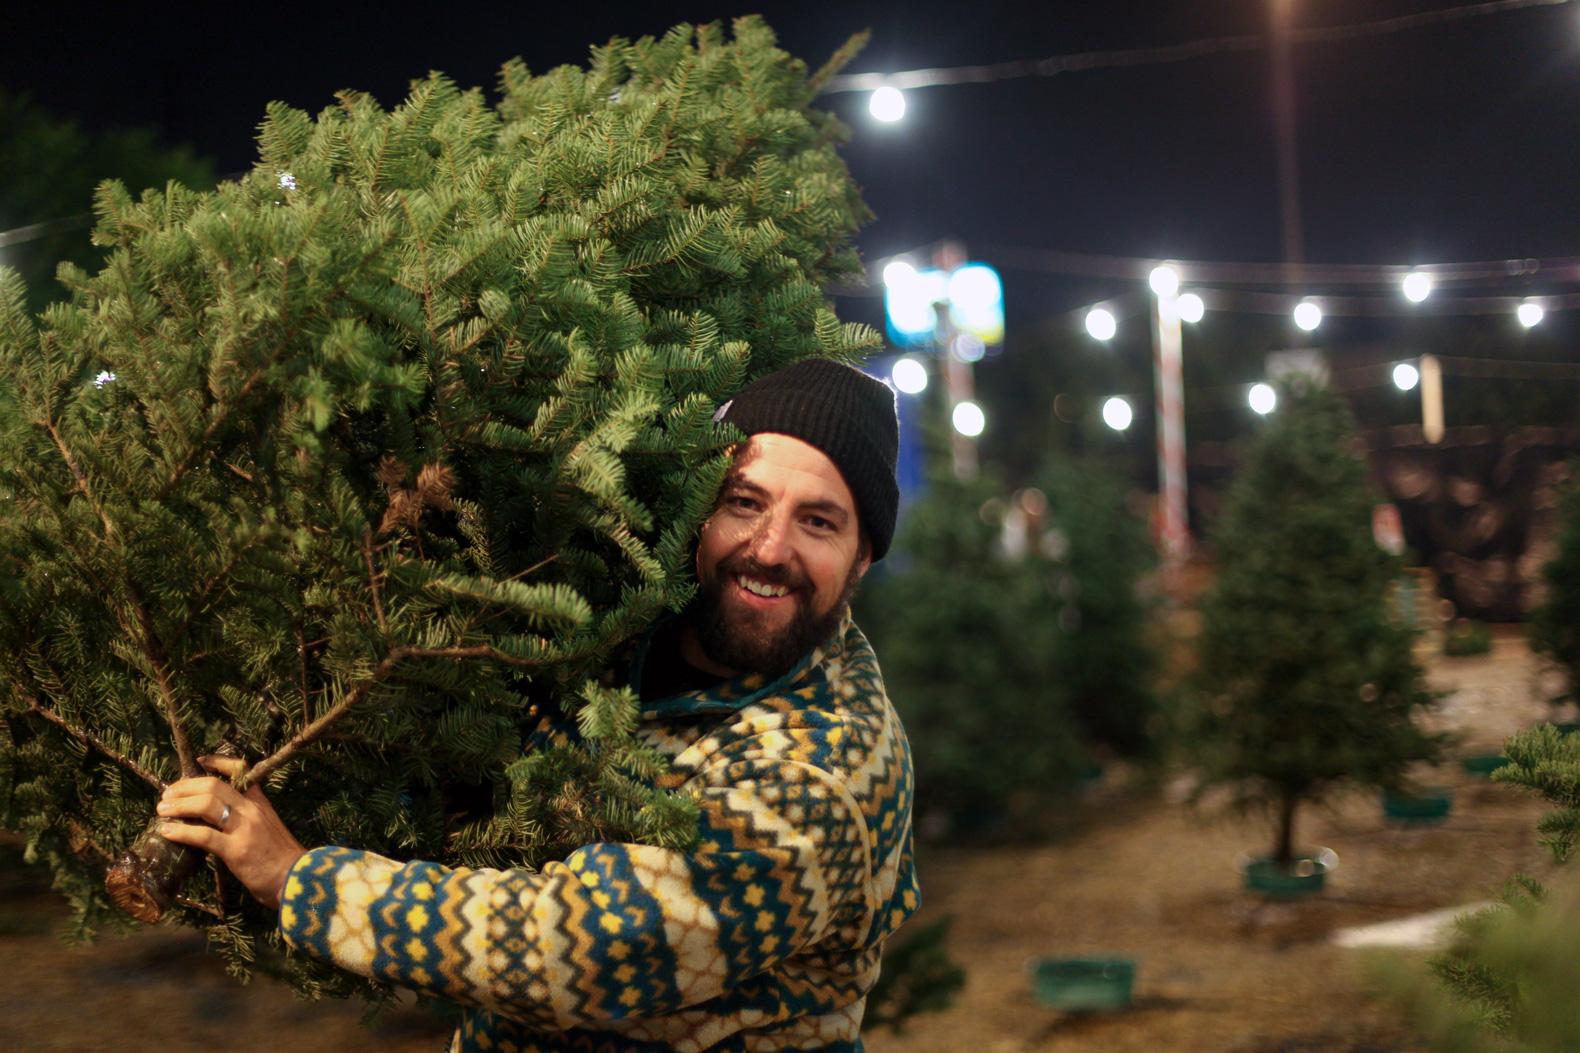 クリスマスツリーを買って帰るお父さん